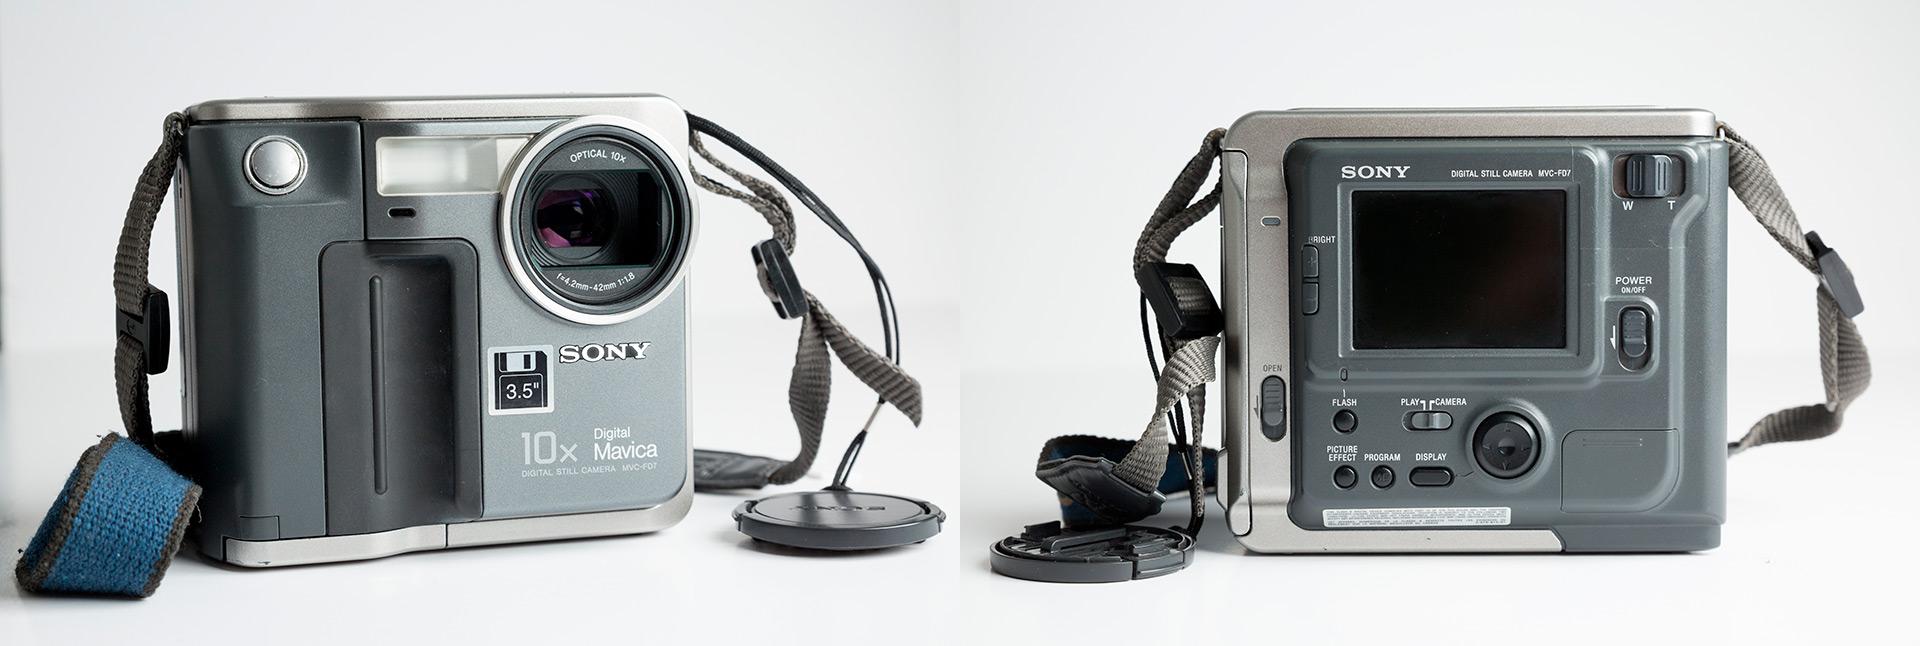 Mavica era una marca de cámaras de Sony que usaba discos extraíbles como medio de grabación. En agosto de 1981, Sony dio a conocer un prototipo de Sony Mavica como la primera cámara fija electrónica del mundo (Shutterstock)